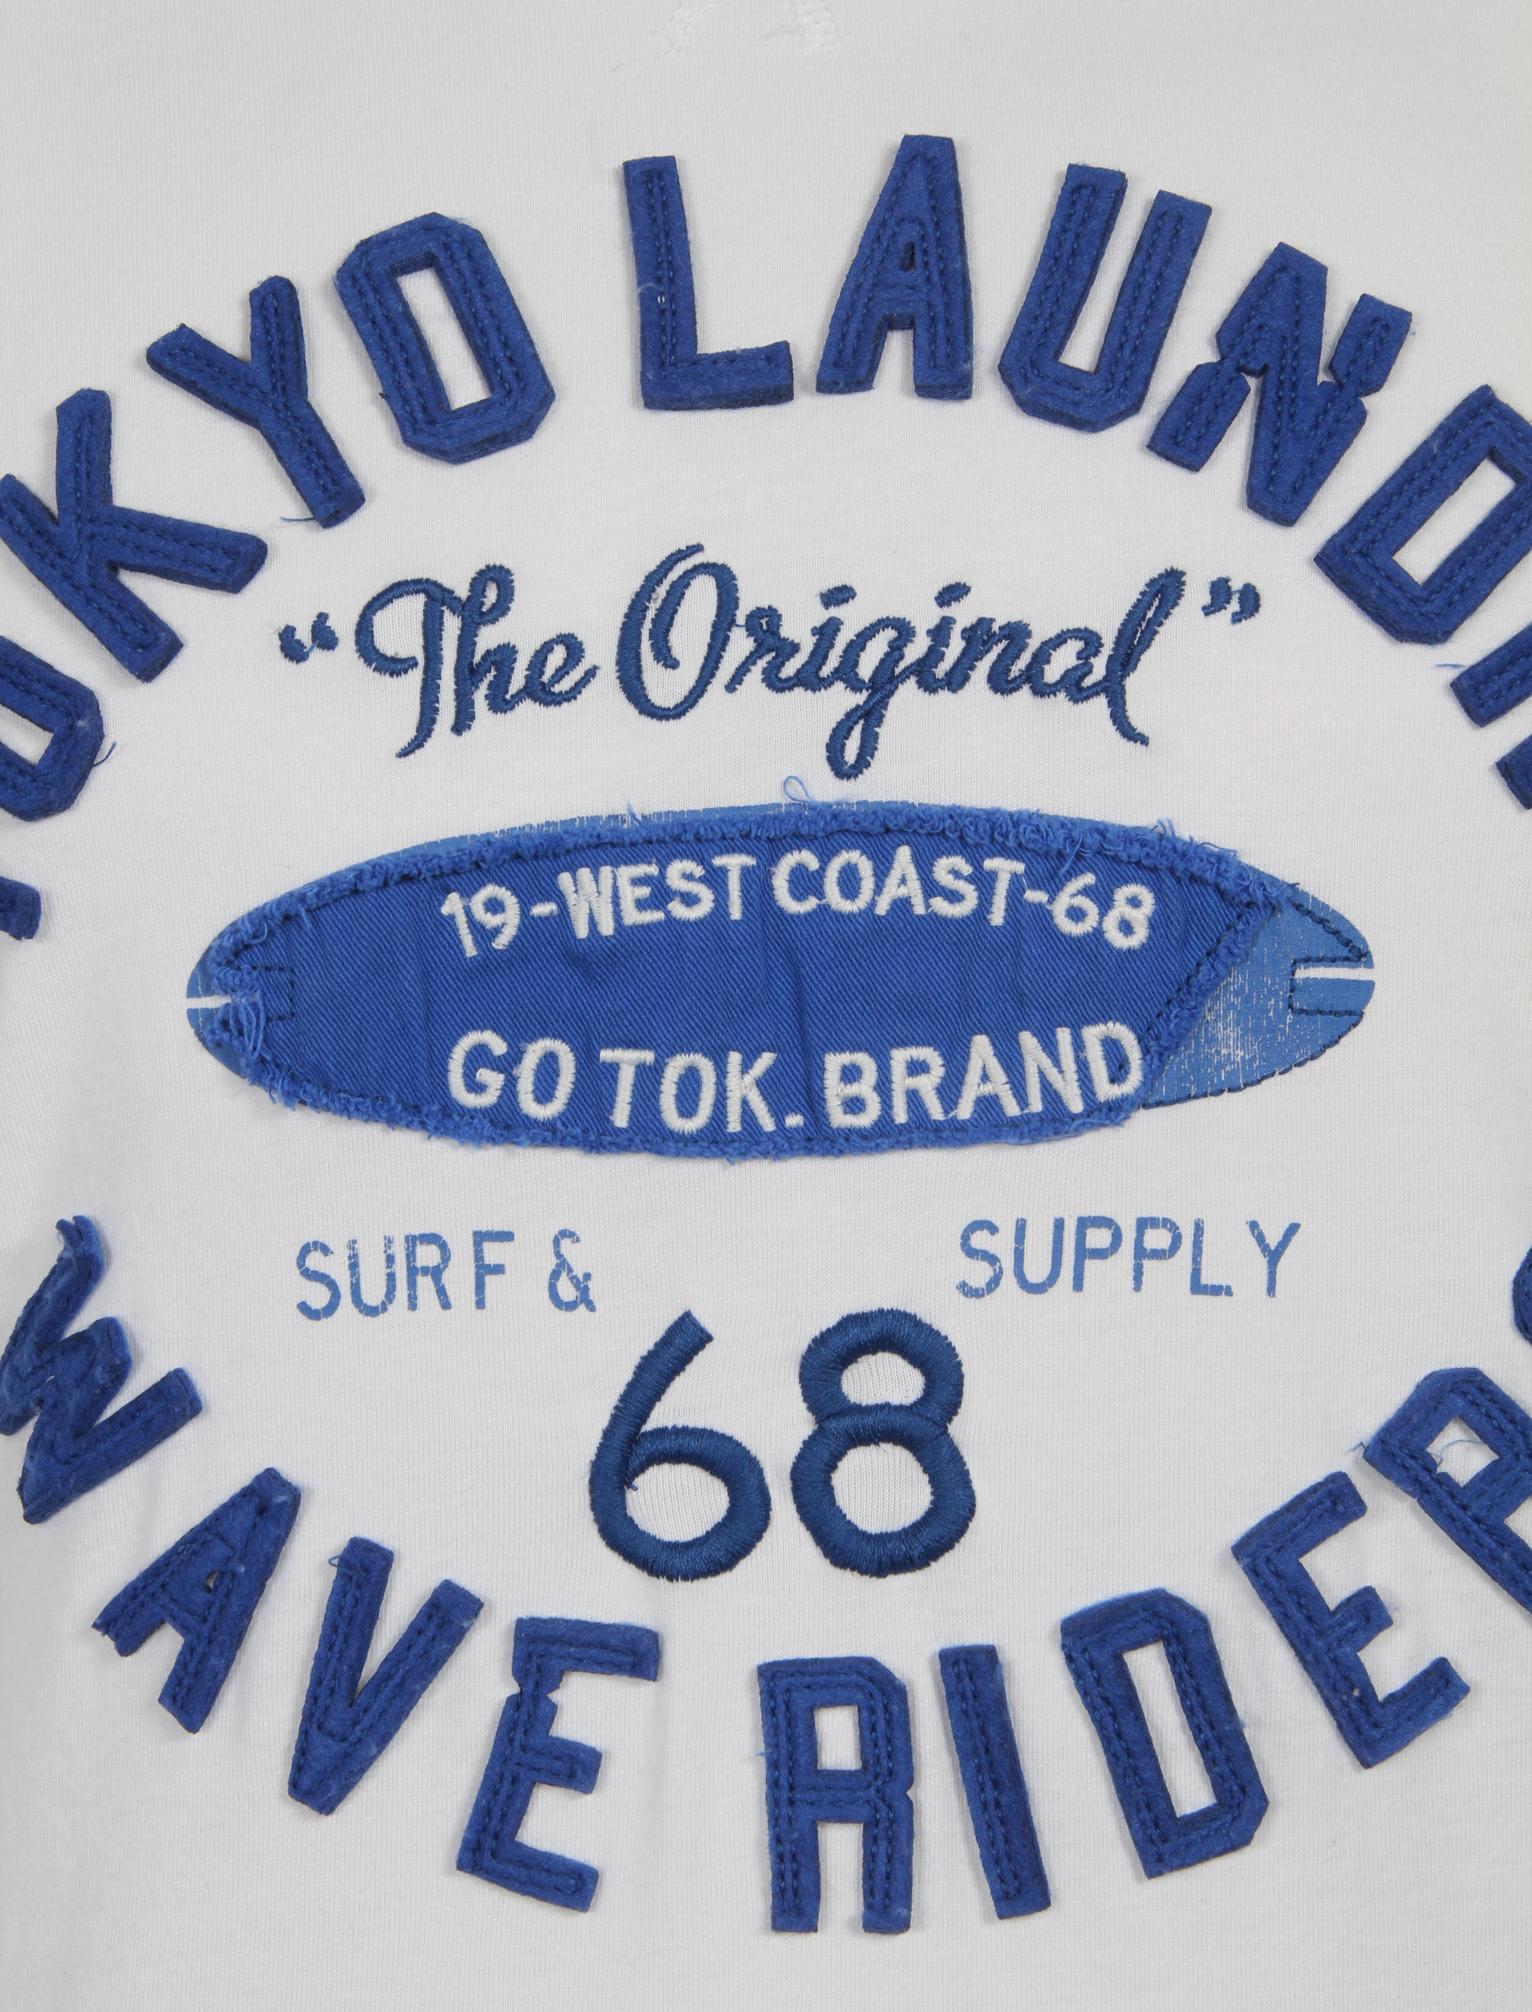 Nouveau Homme Tokyo Laundry Wave Riders Motif à Manches Courtes Top T-shirt Taille S-XXL